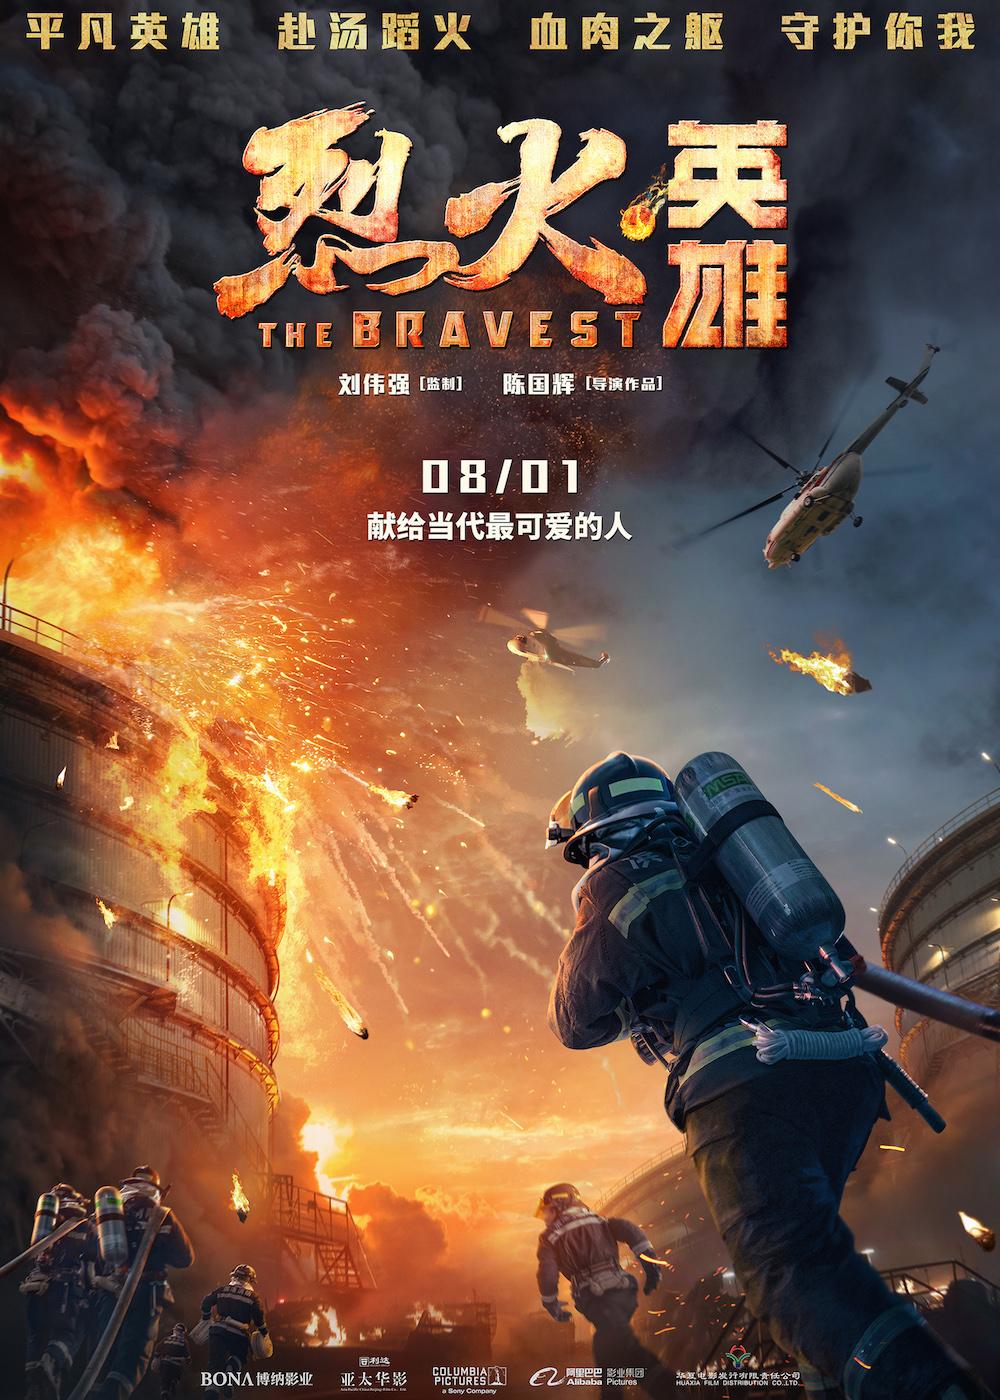 《烈火英雄》上映首日票房1.7亿,谁说消防员没人关心?